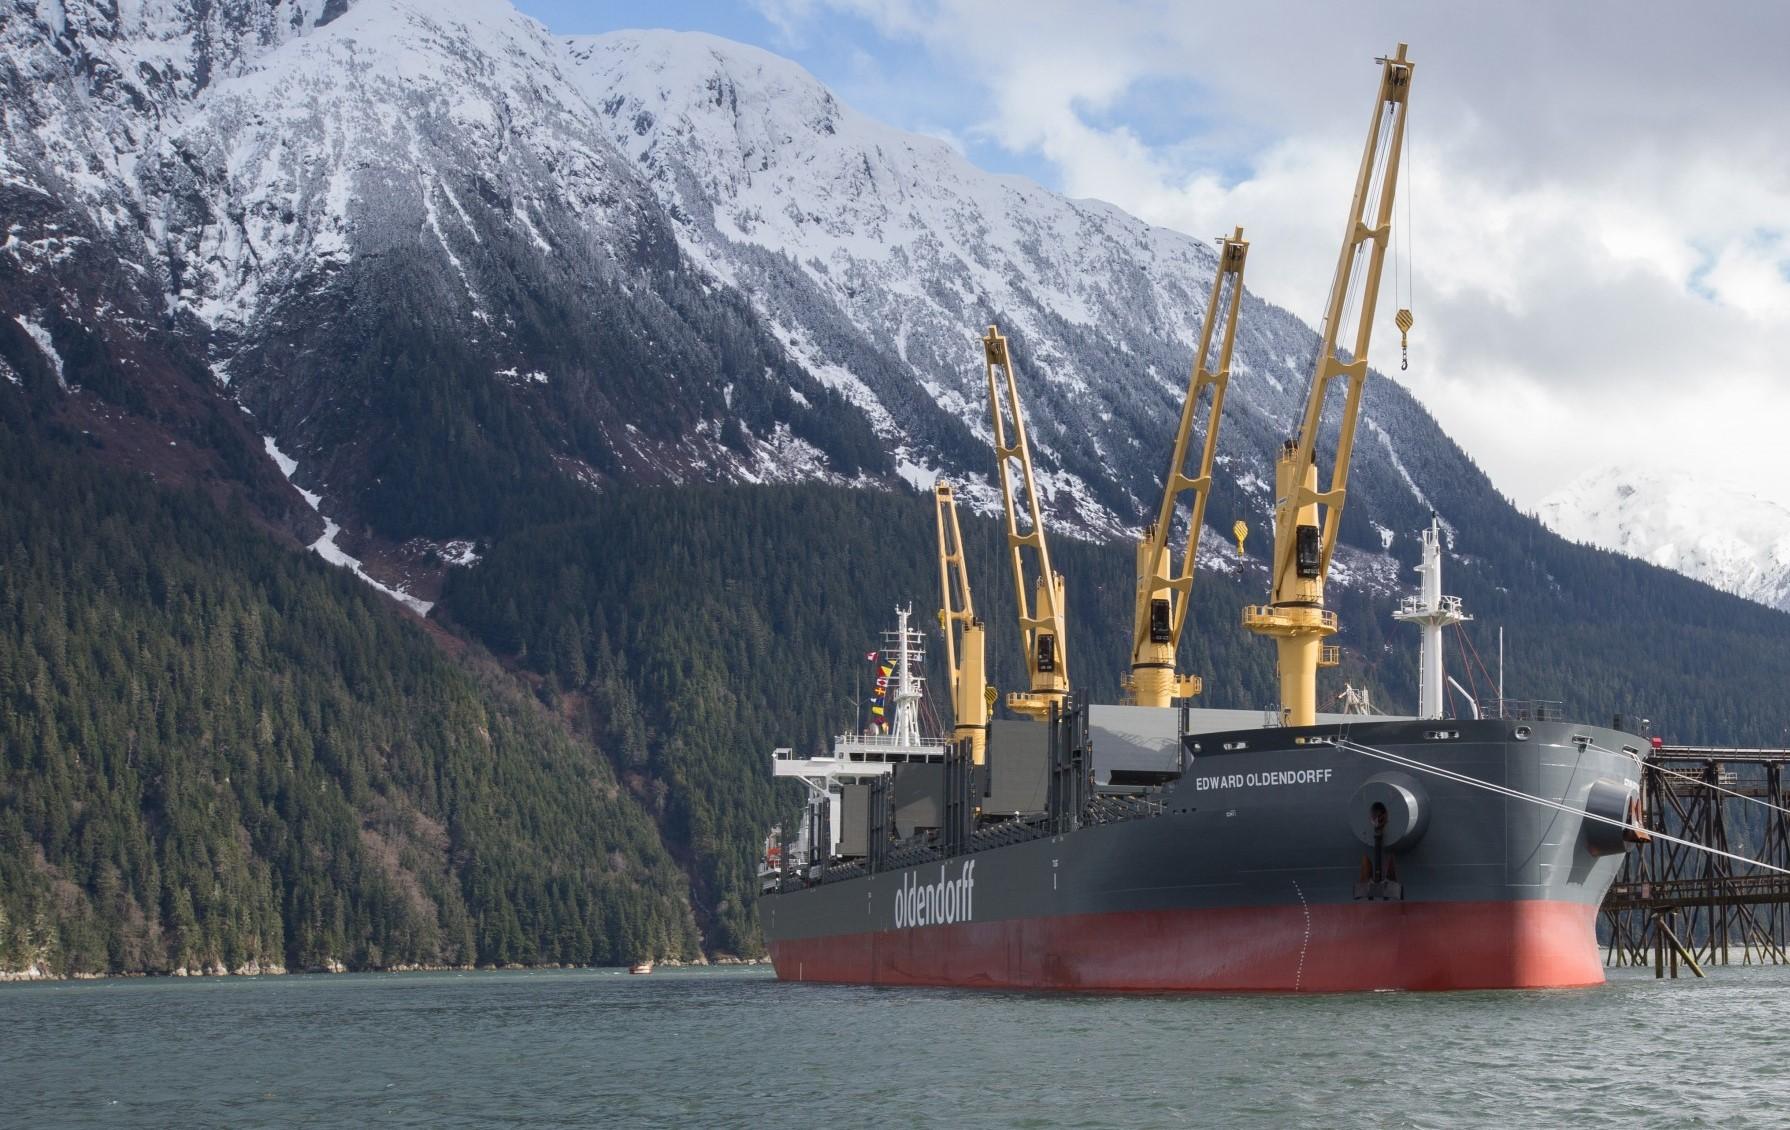 Συμμαχίες ναυτιλιακών εταιρειών με στόχο το περιβάλλον